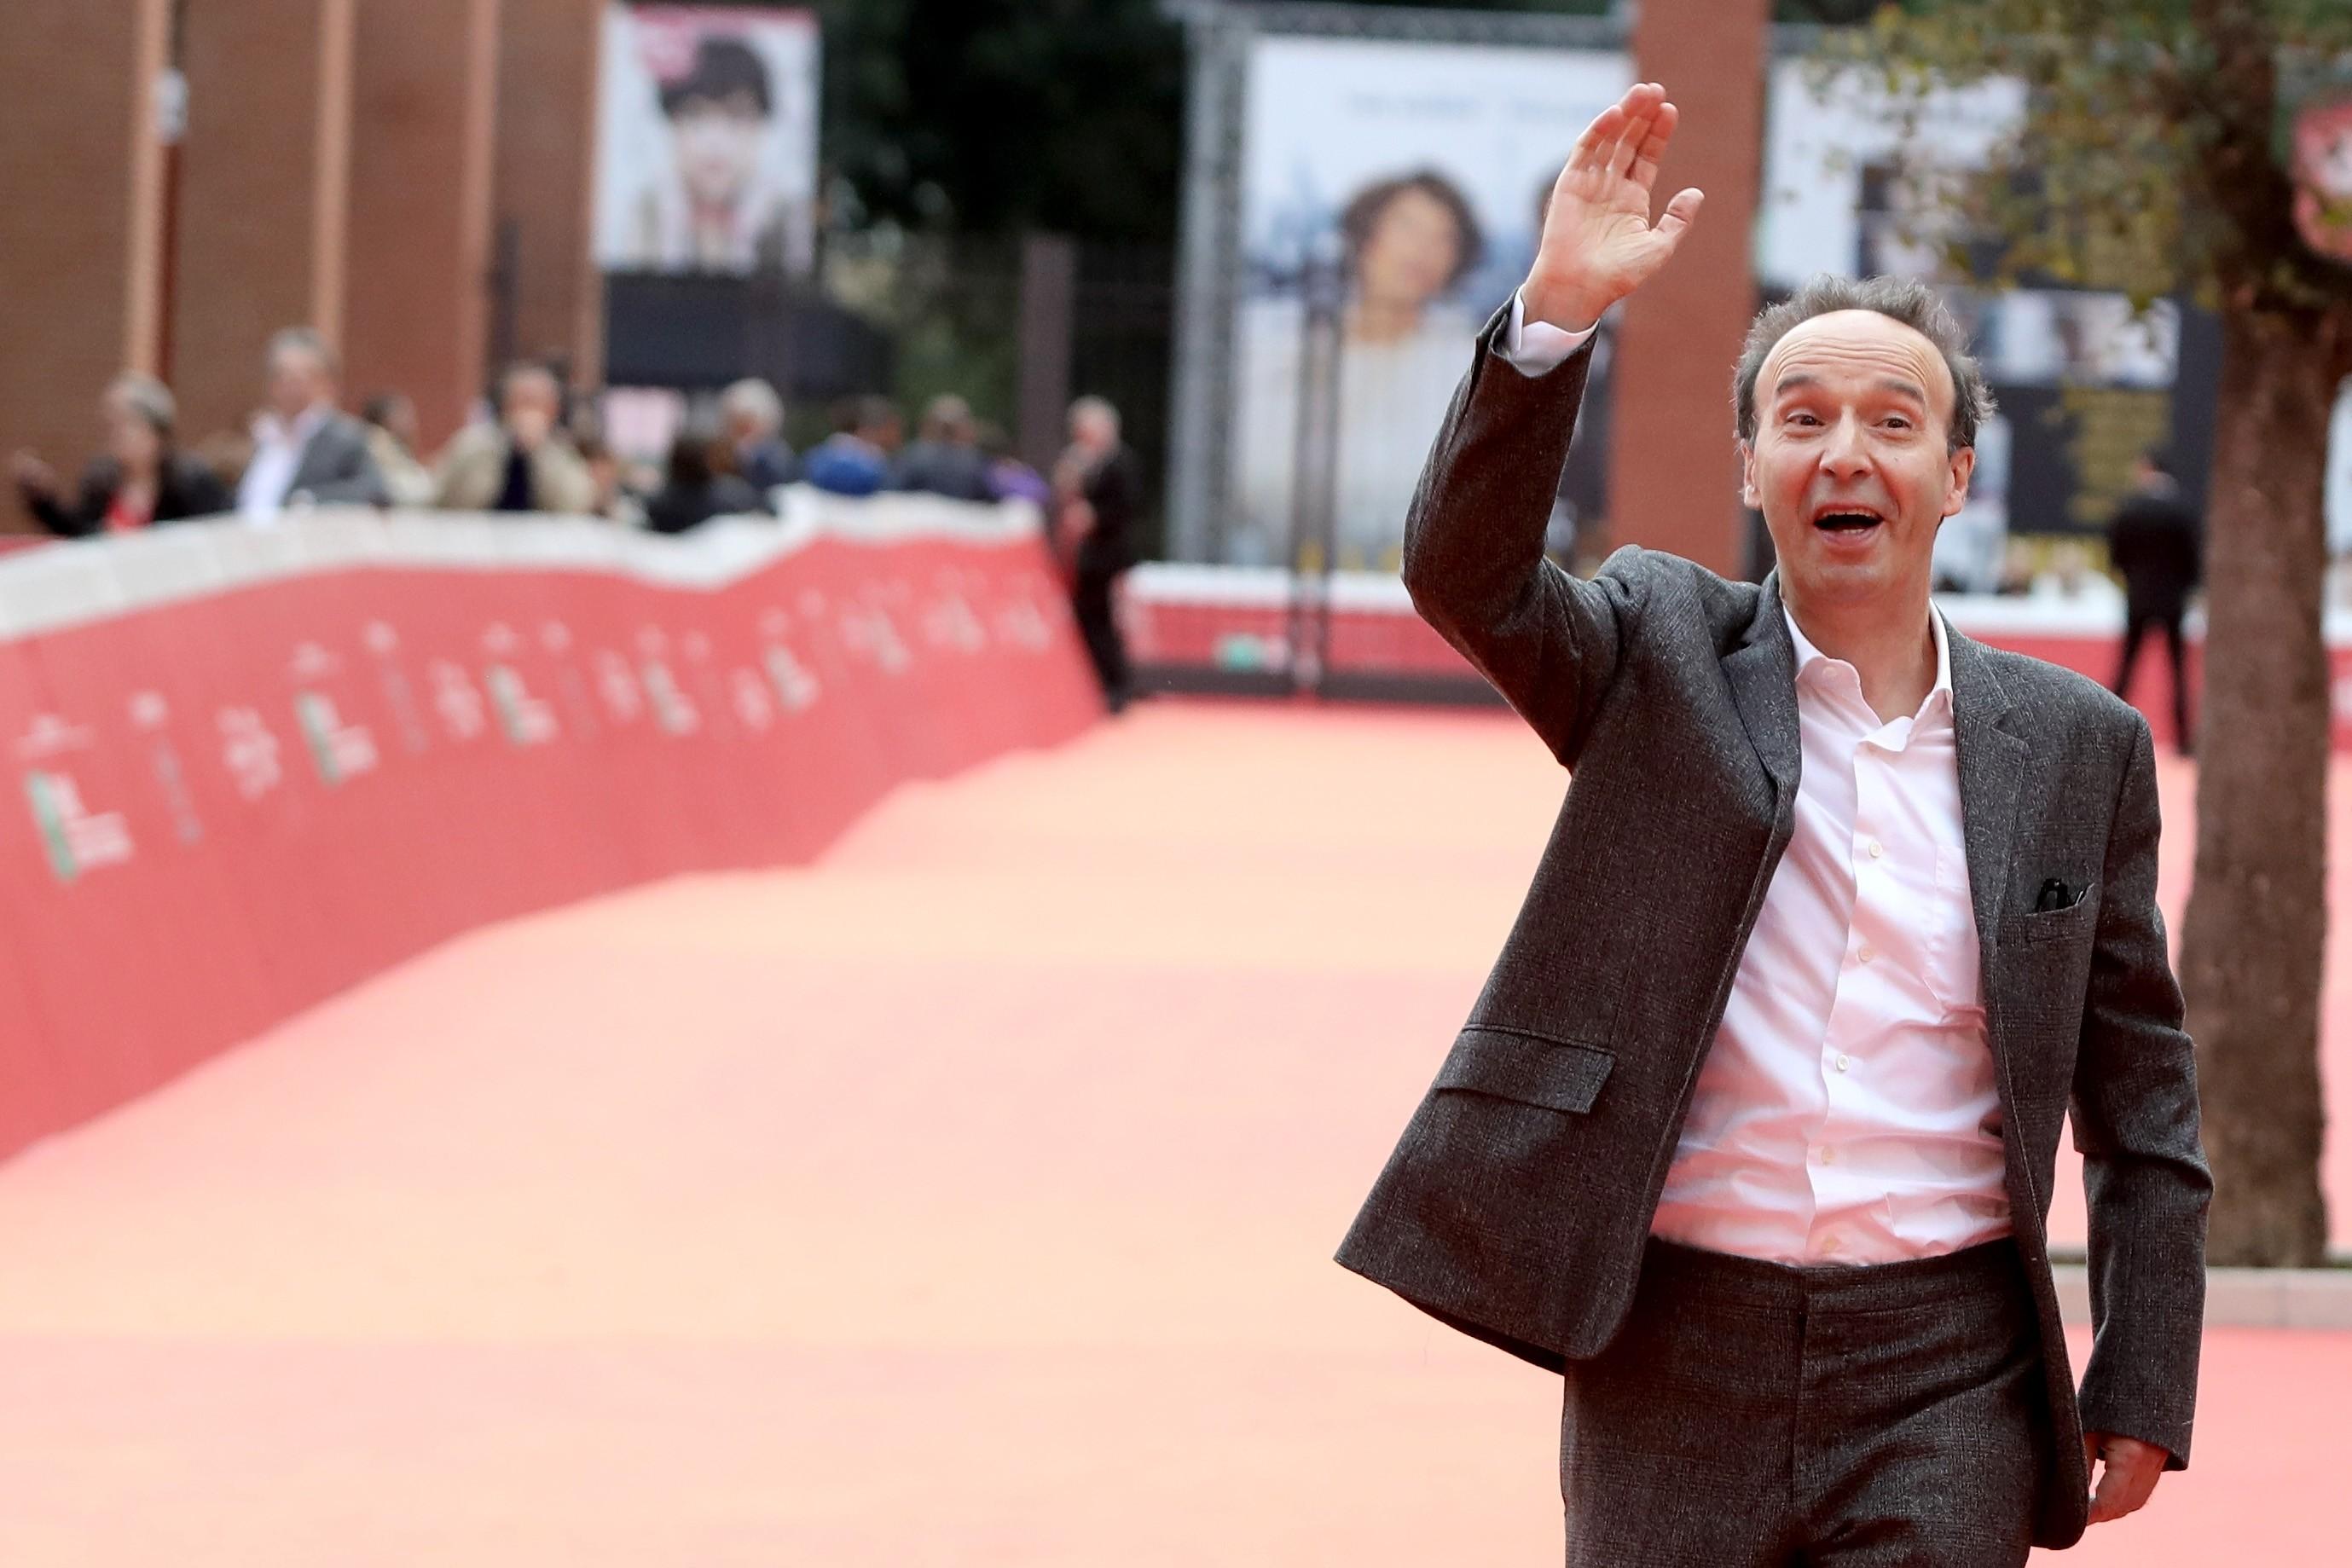 Roberto Benigni, o novo Gepetto (Foto: Getty Images / Vittorio Zunino Celotto)